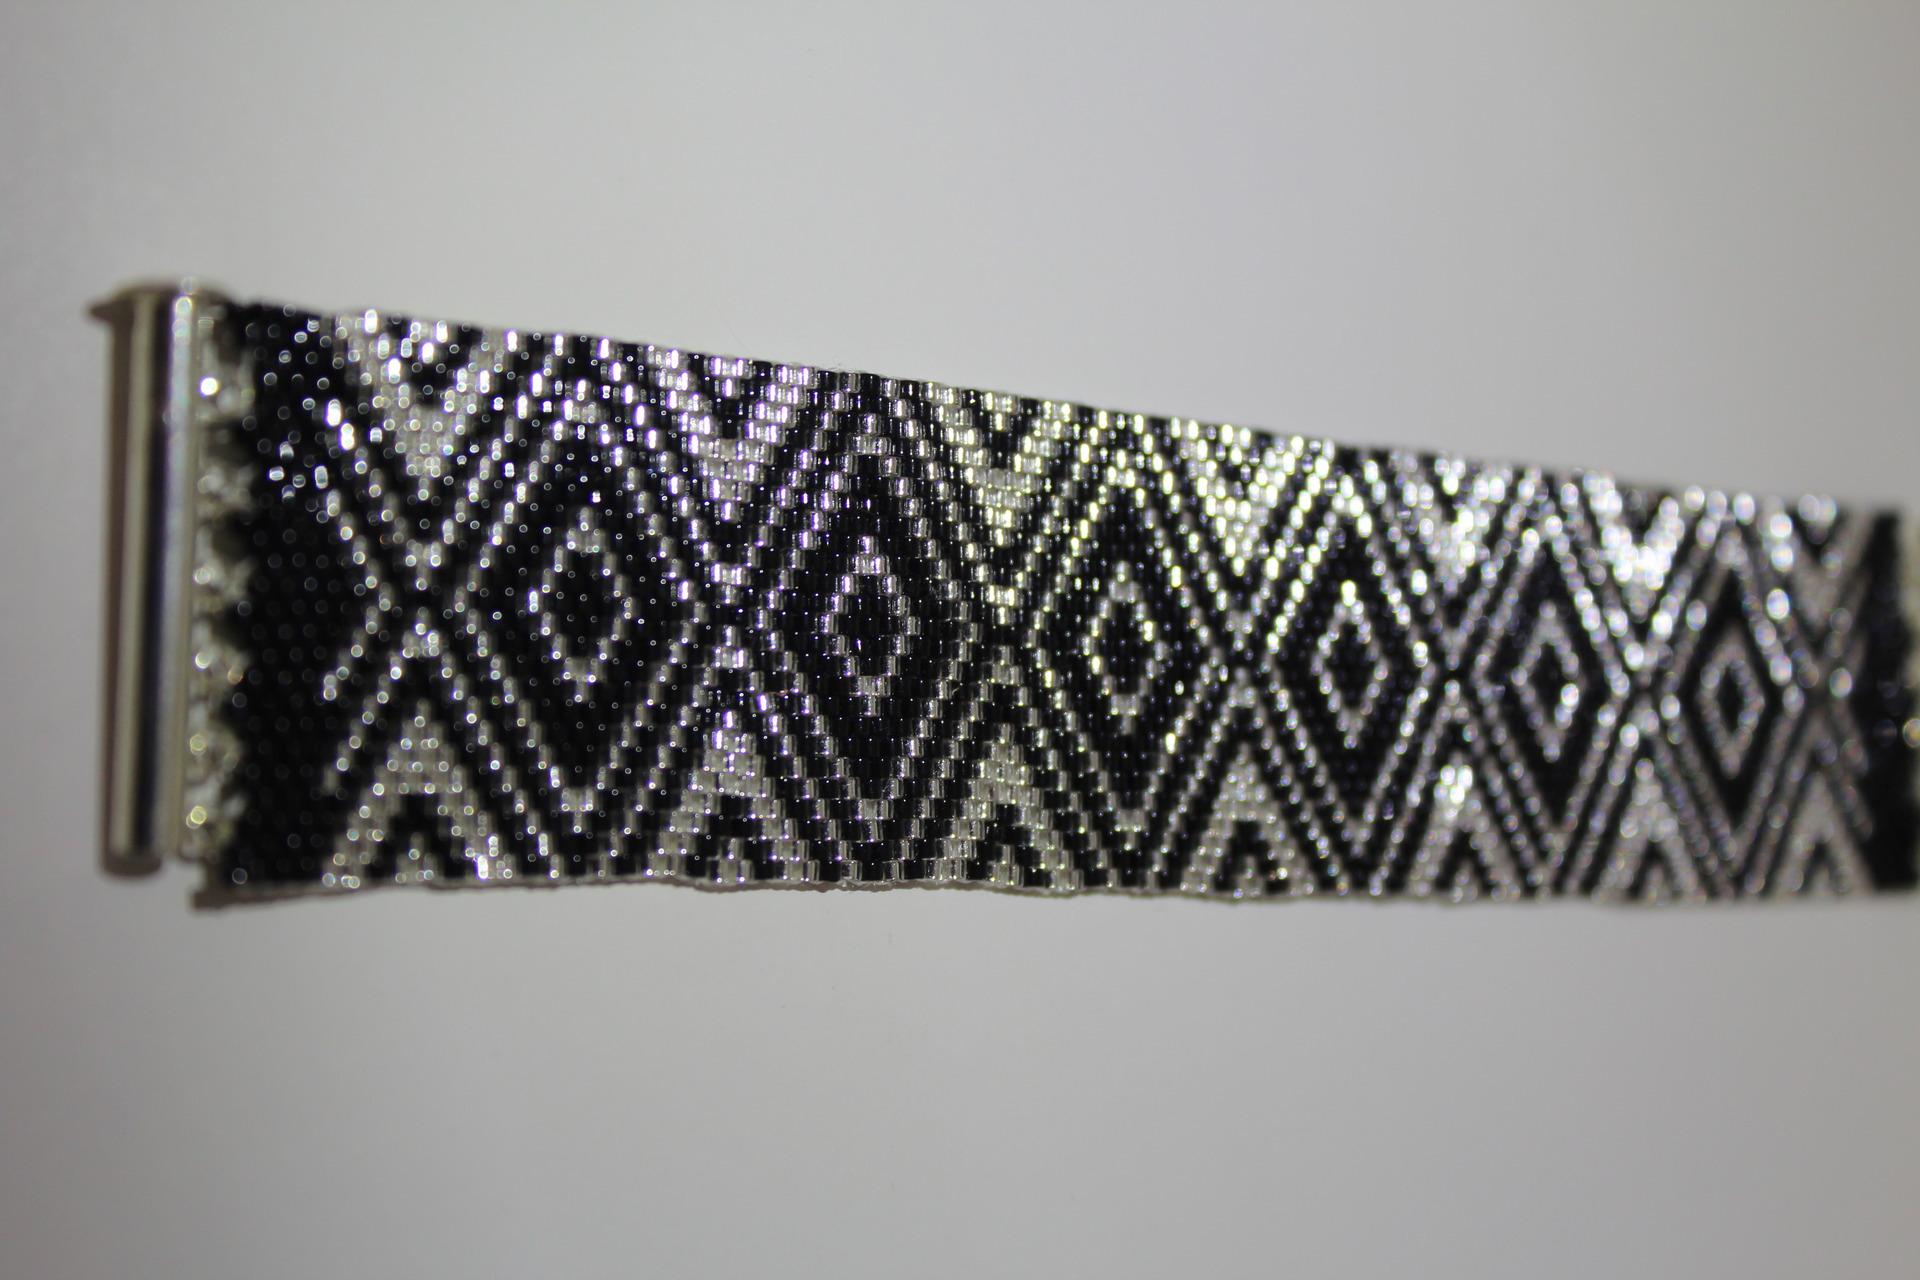 Bracelet Manchette Perles De Rocailles Miyuki Tissage Peyote Motif Geometrique Bracelet Par Pegase51